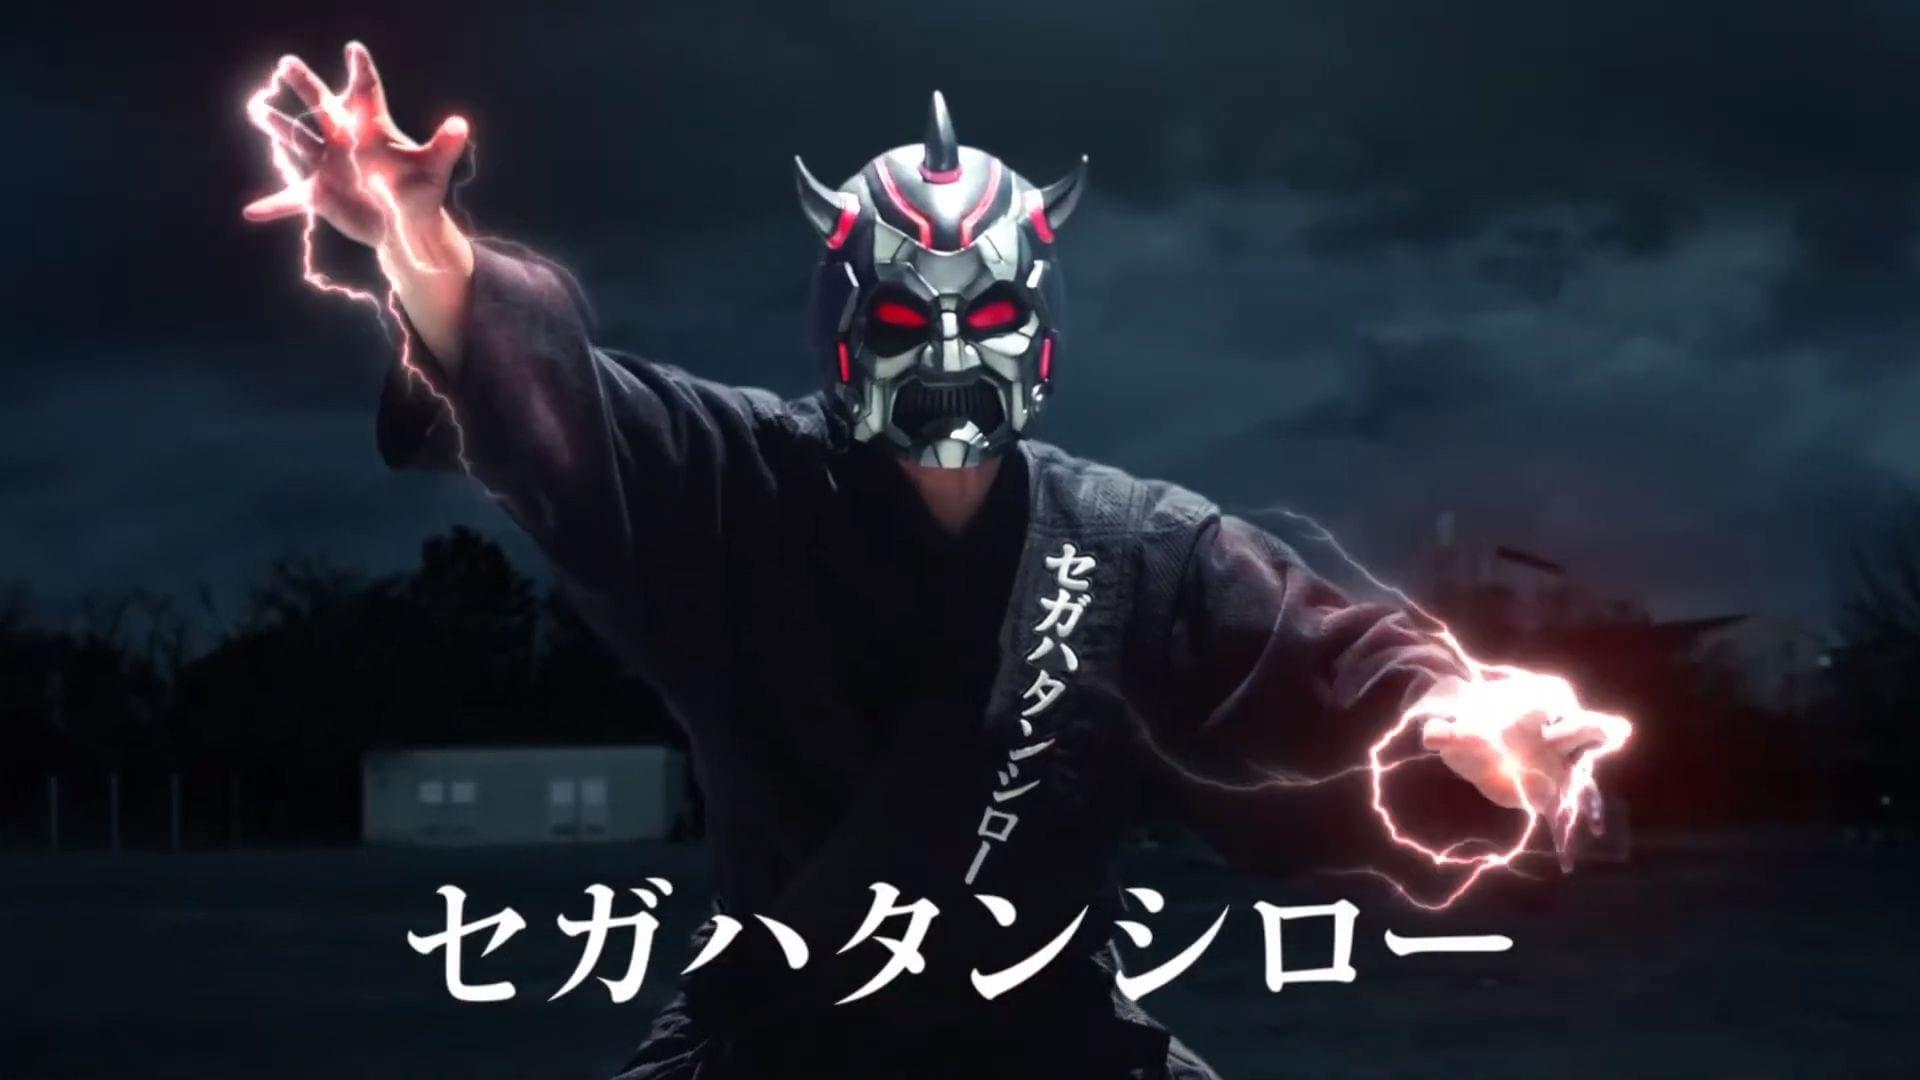 Sega Shiro